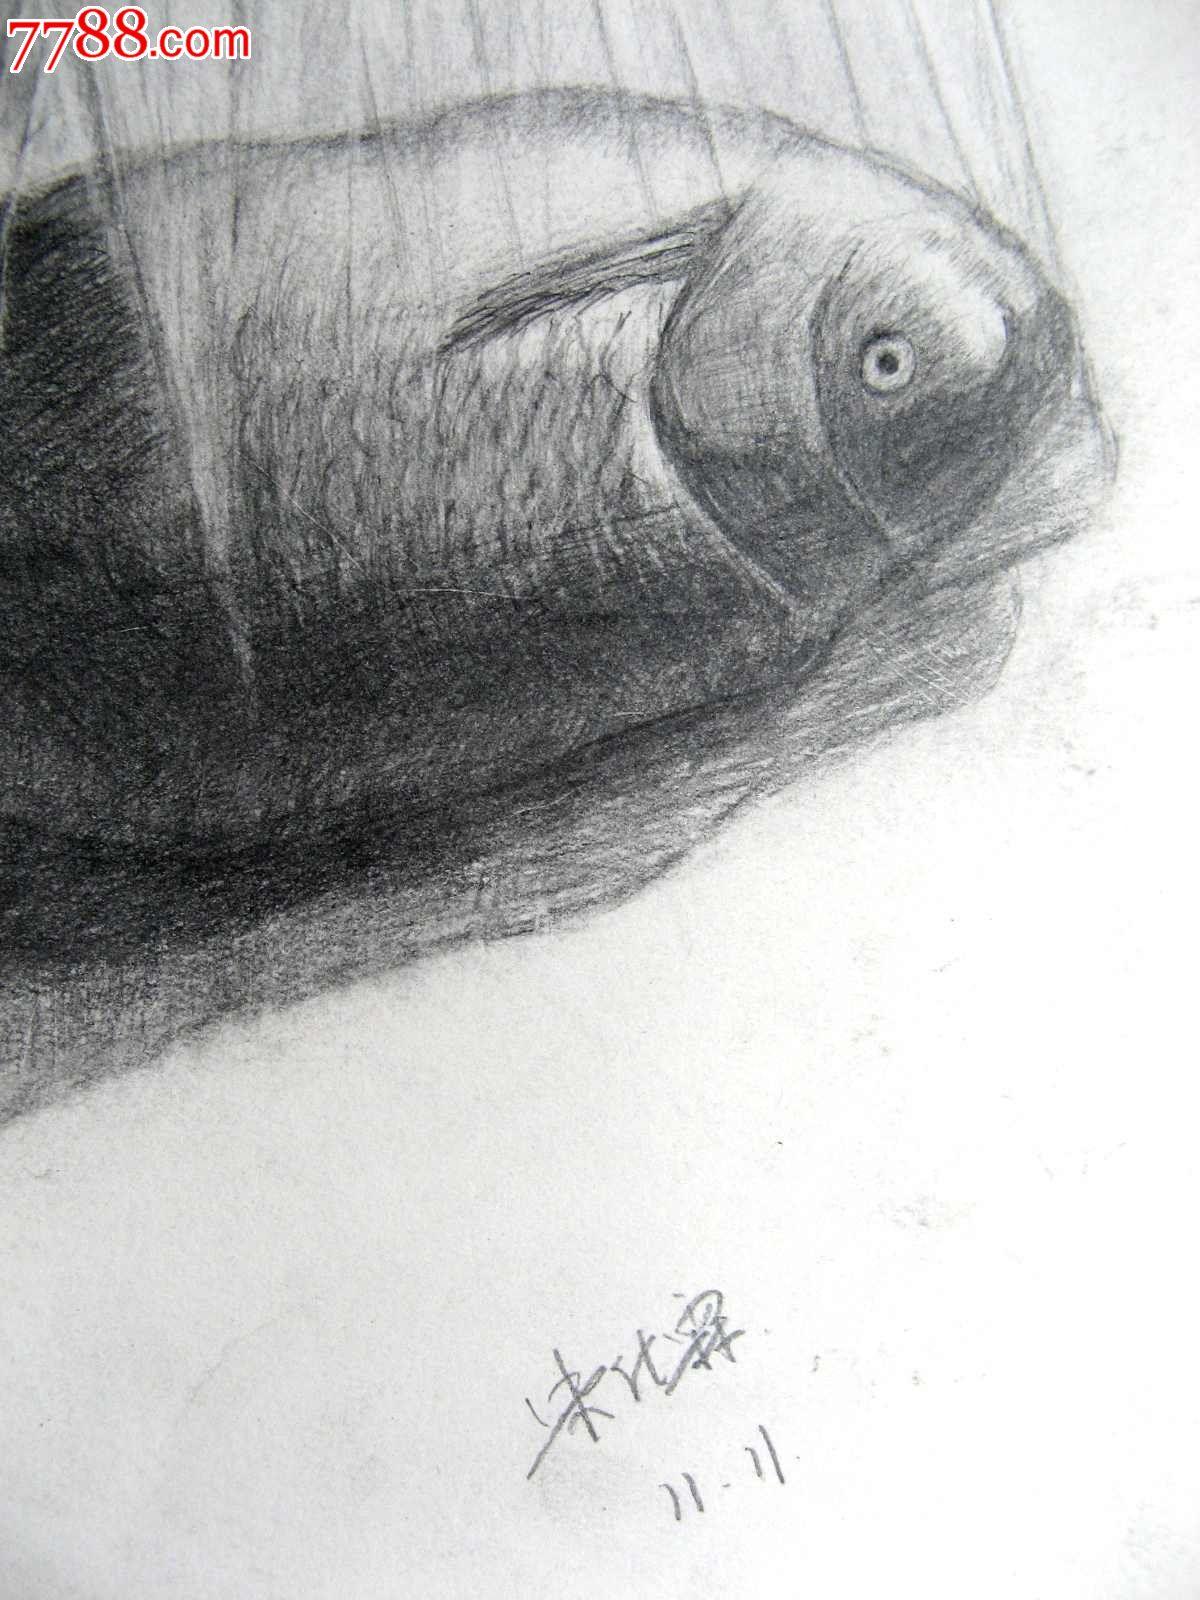 铅笔素描画:塑料袋里的鱼_议价_第2张_7788收藏__中国收藏热线